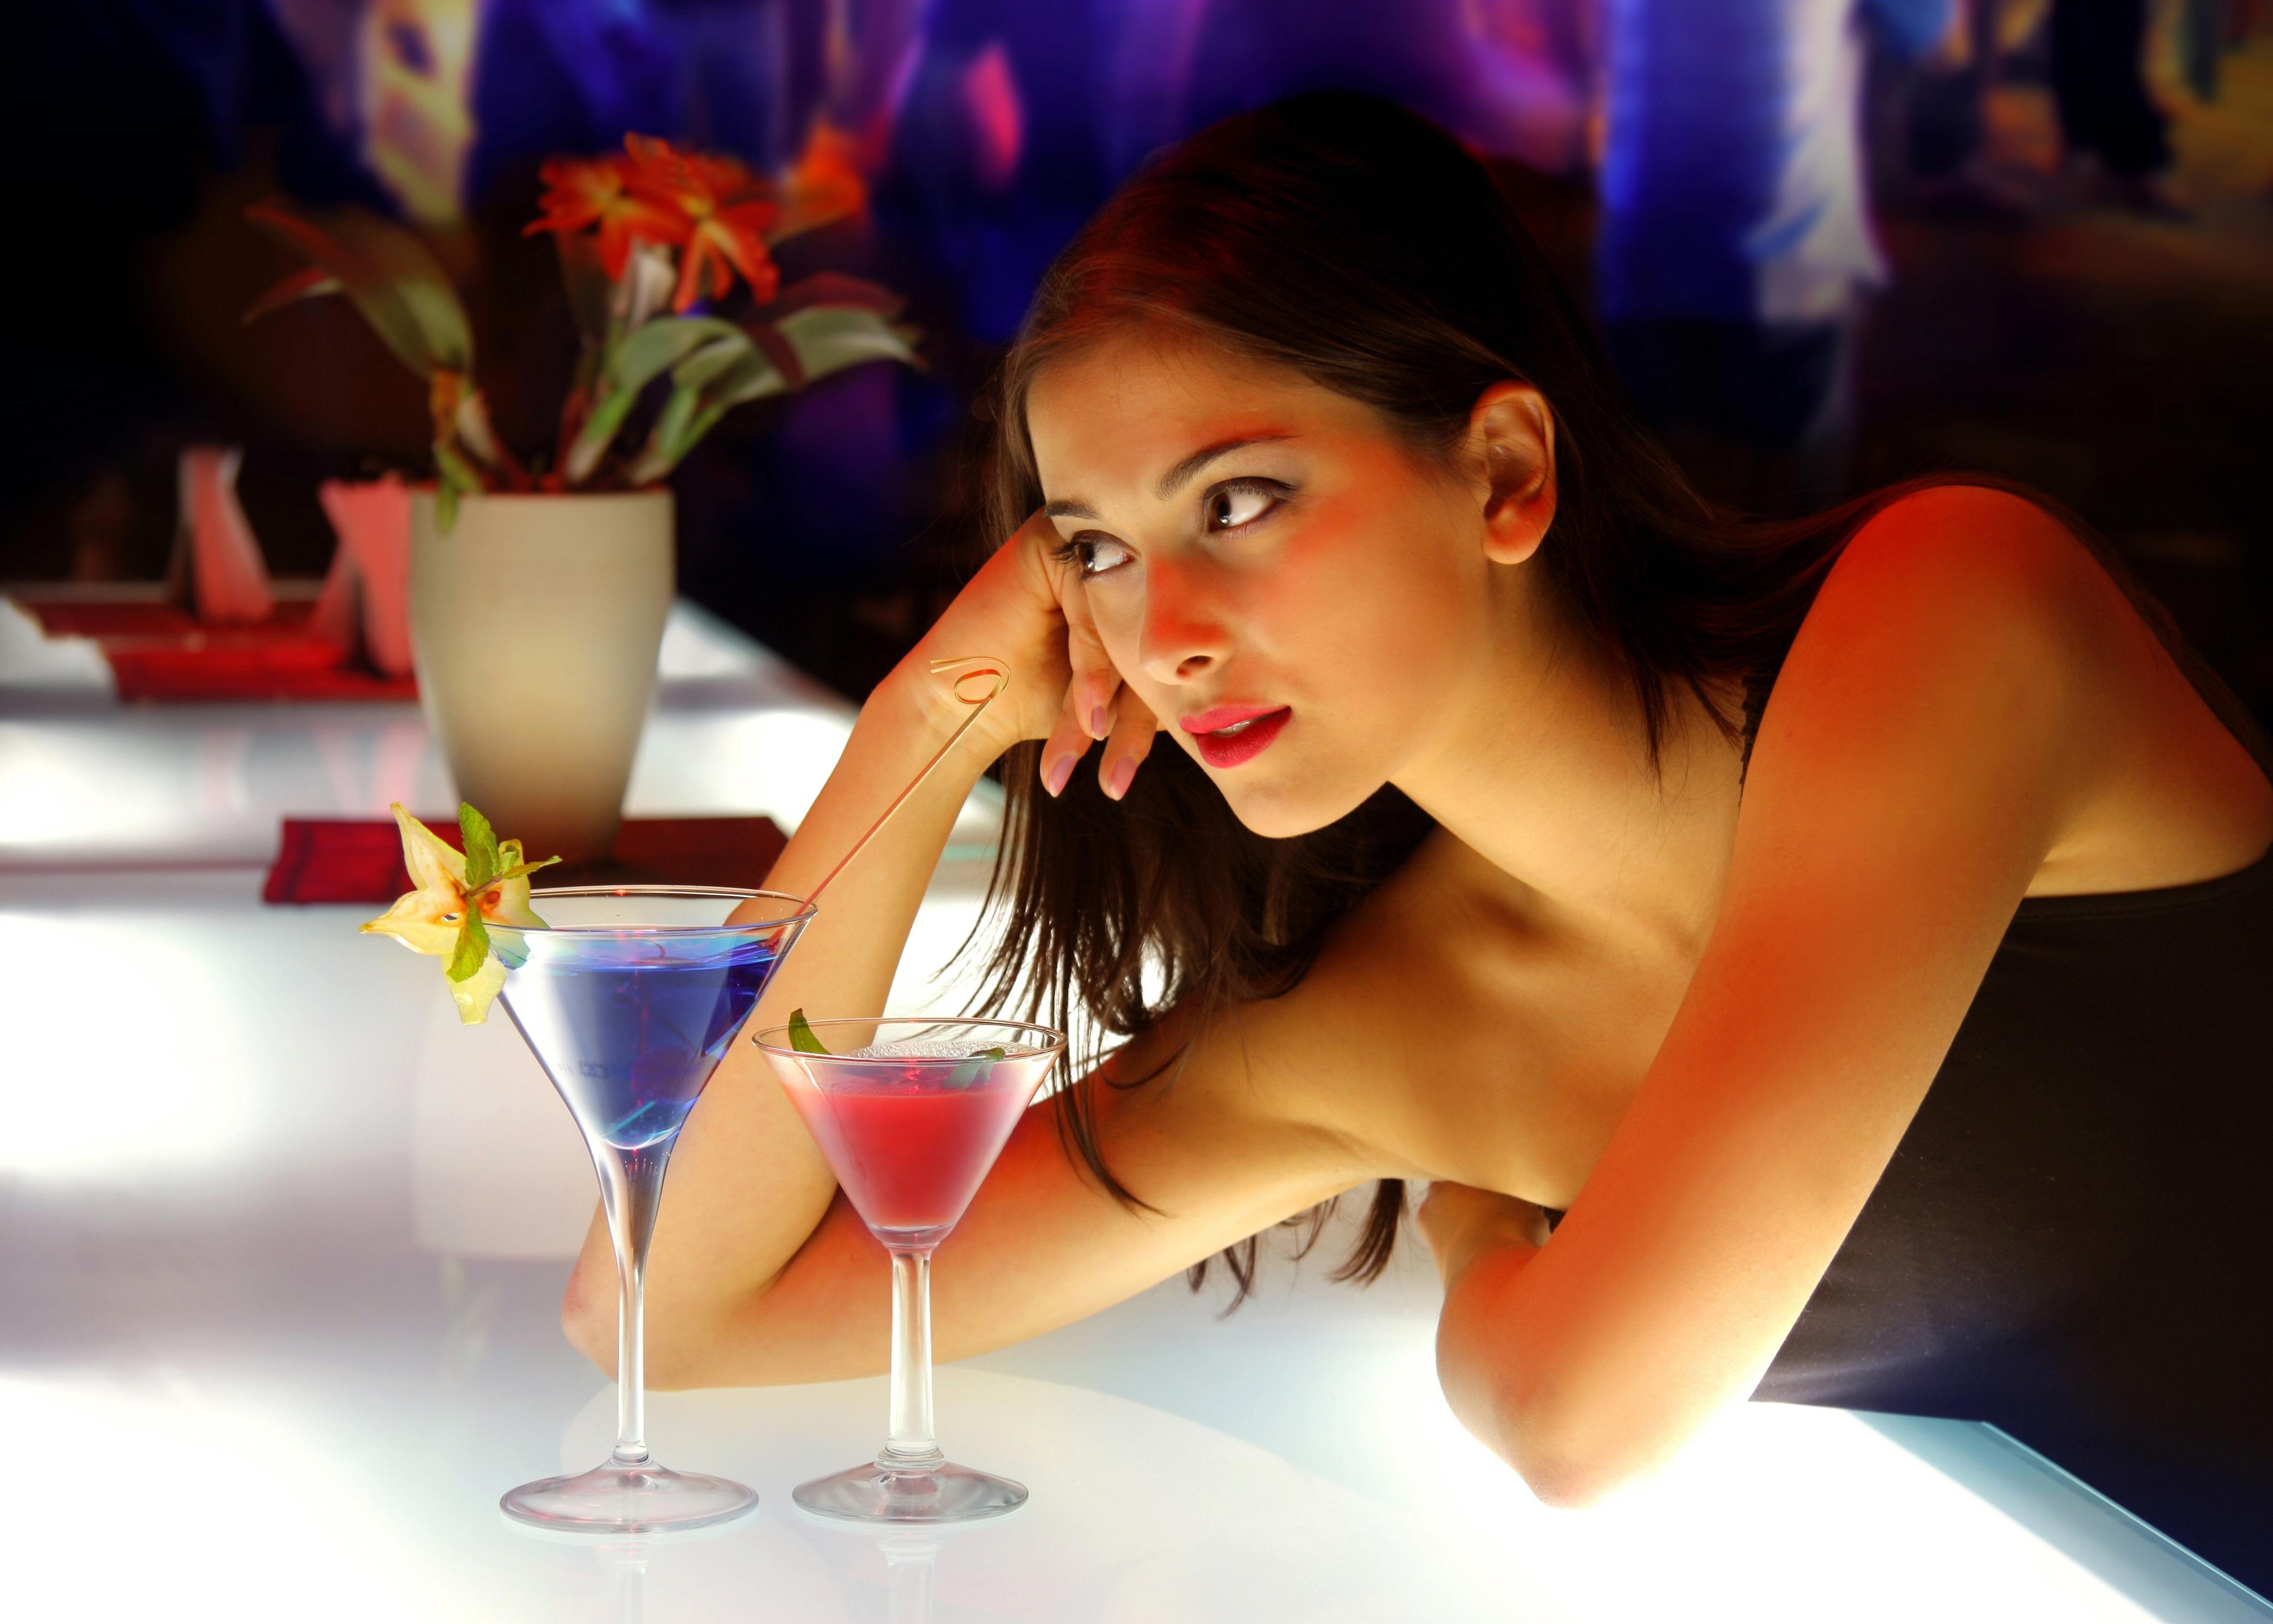 Выпившая девушка показывает себя обнаженной и сладкой  110873